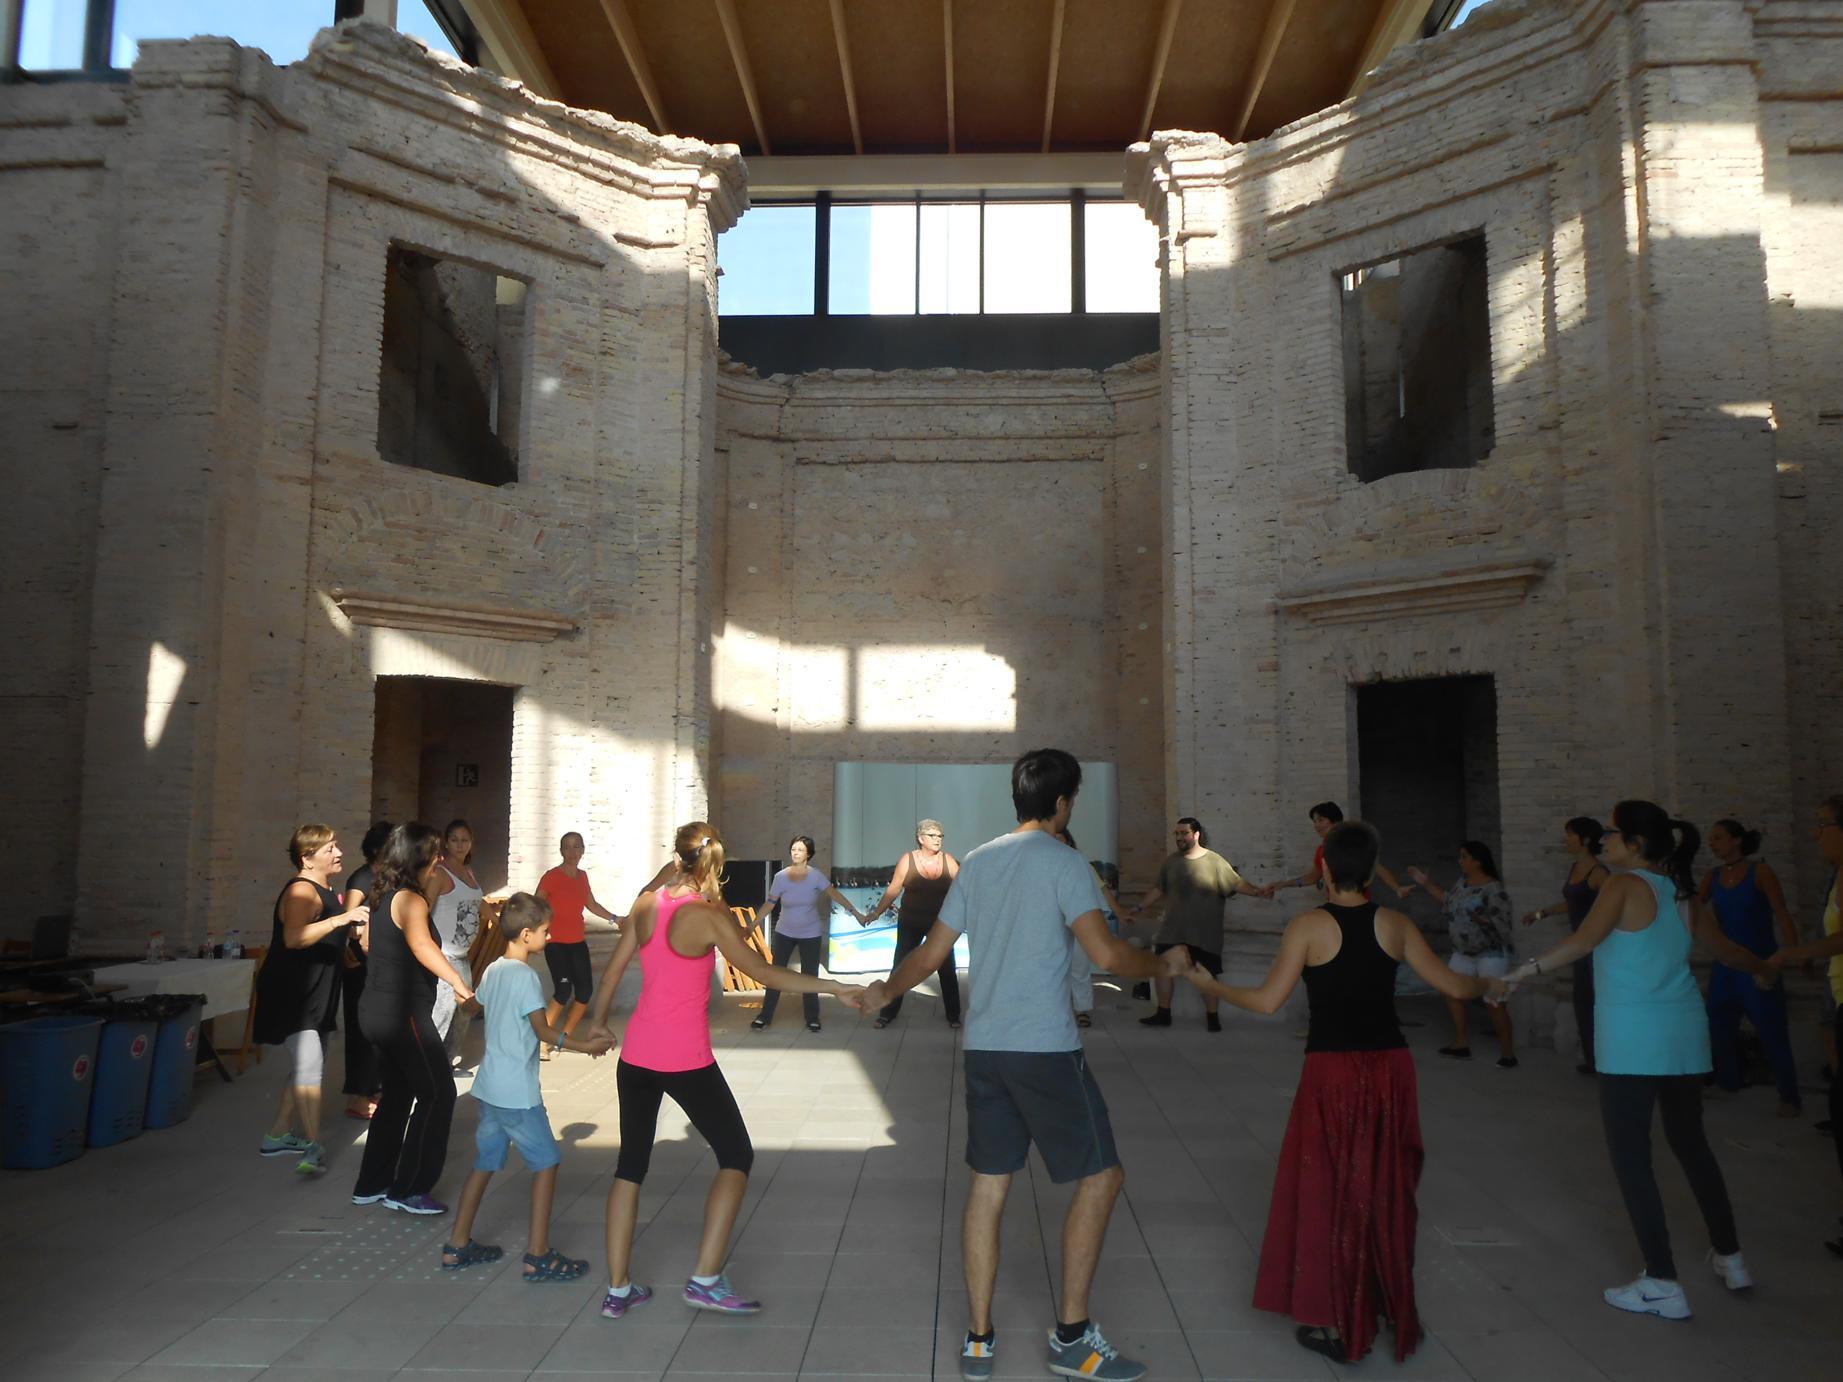 Silvia_Danses circulars_6